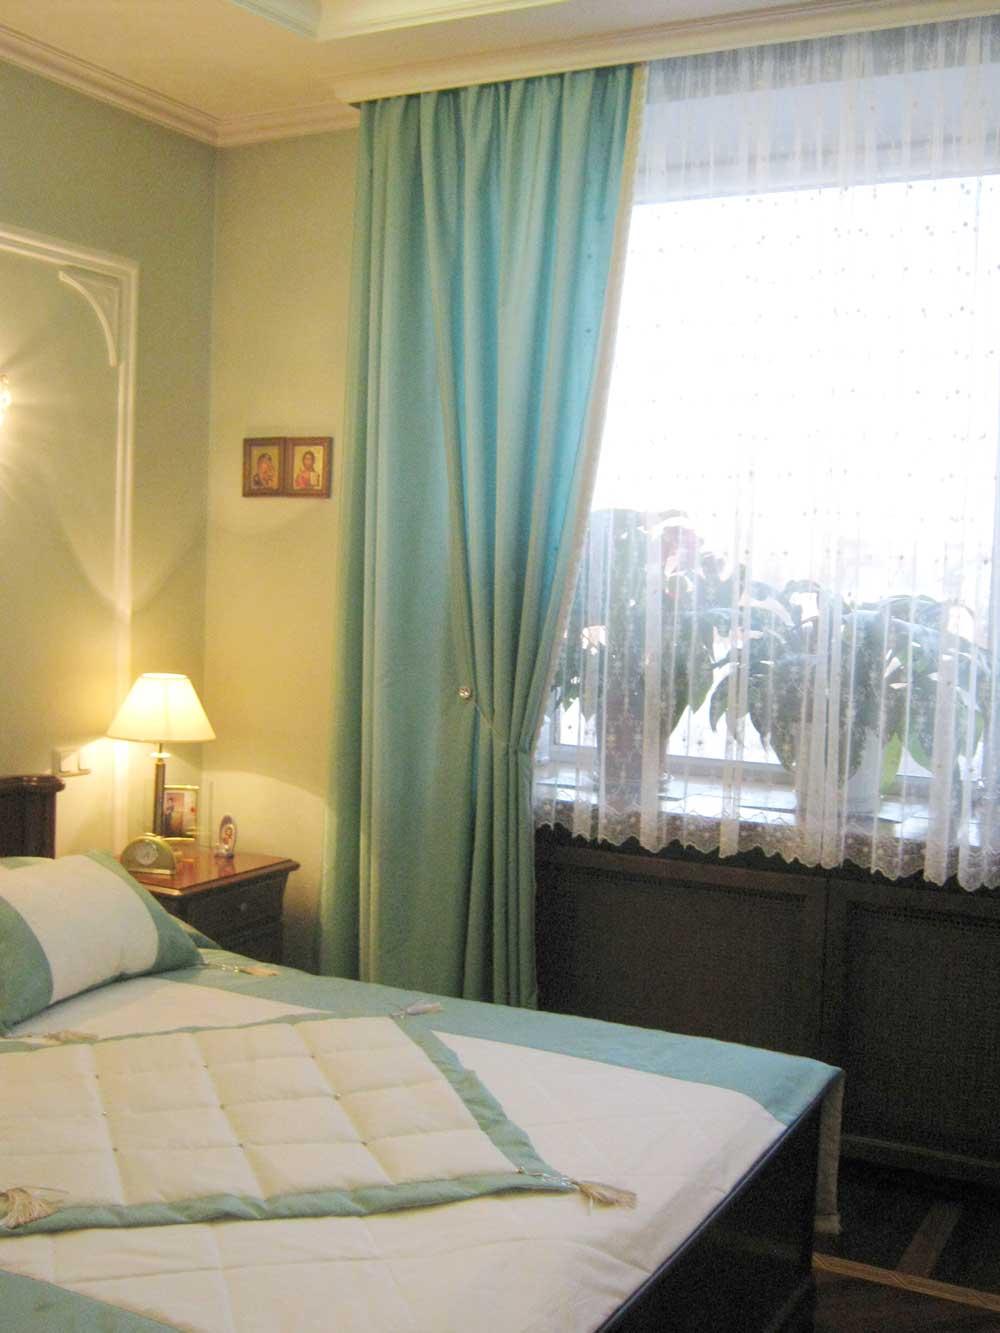 Легкая бирюзово0голубая штора с магнитным подхватом и покрывало для спальной кровати